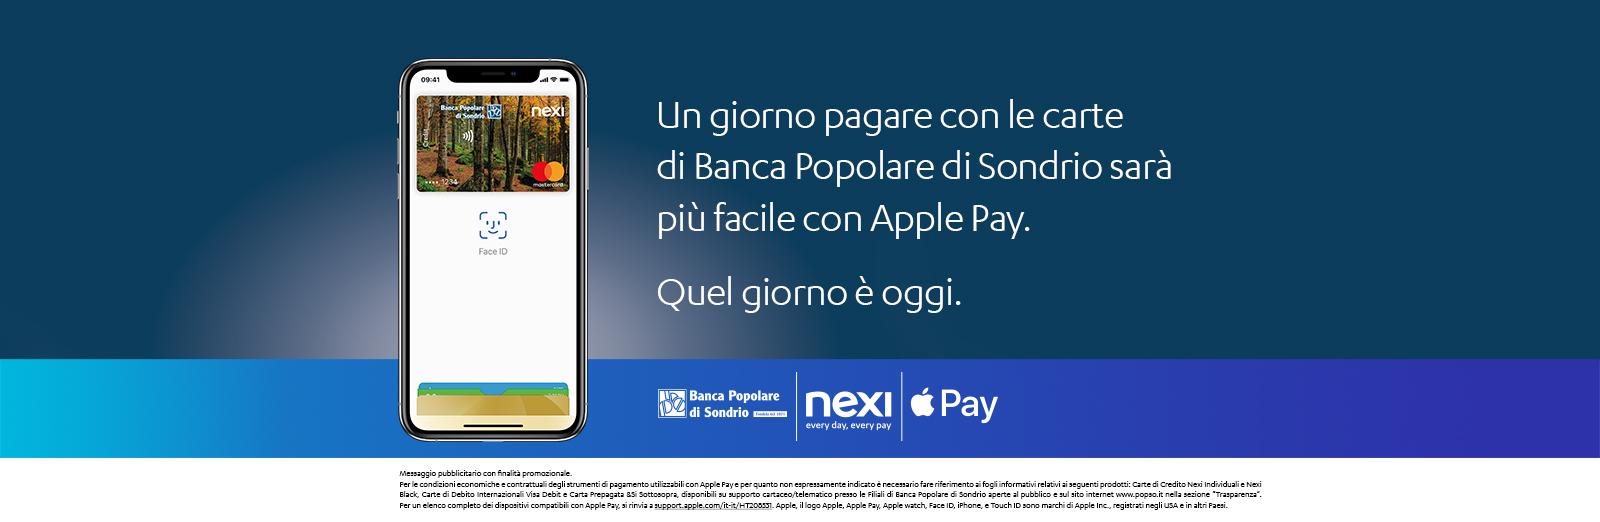 Homepage - Banca Popolare di Sondrio - Banca Popolare di Sondrio